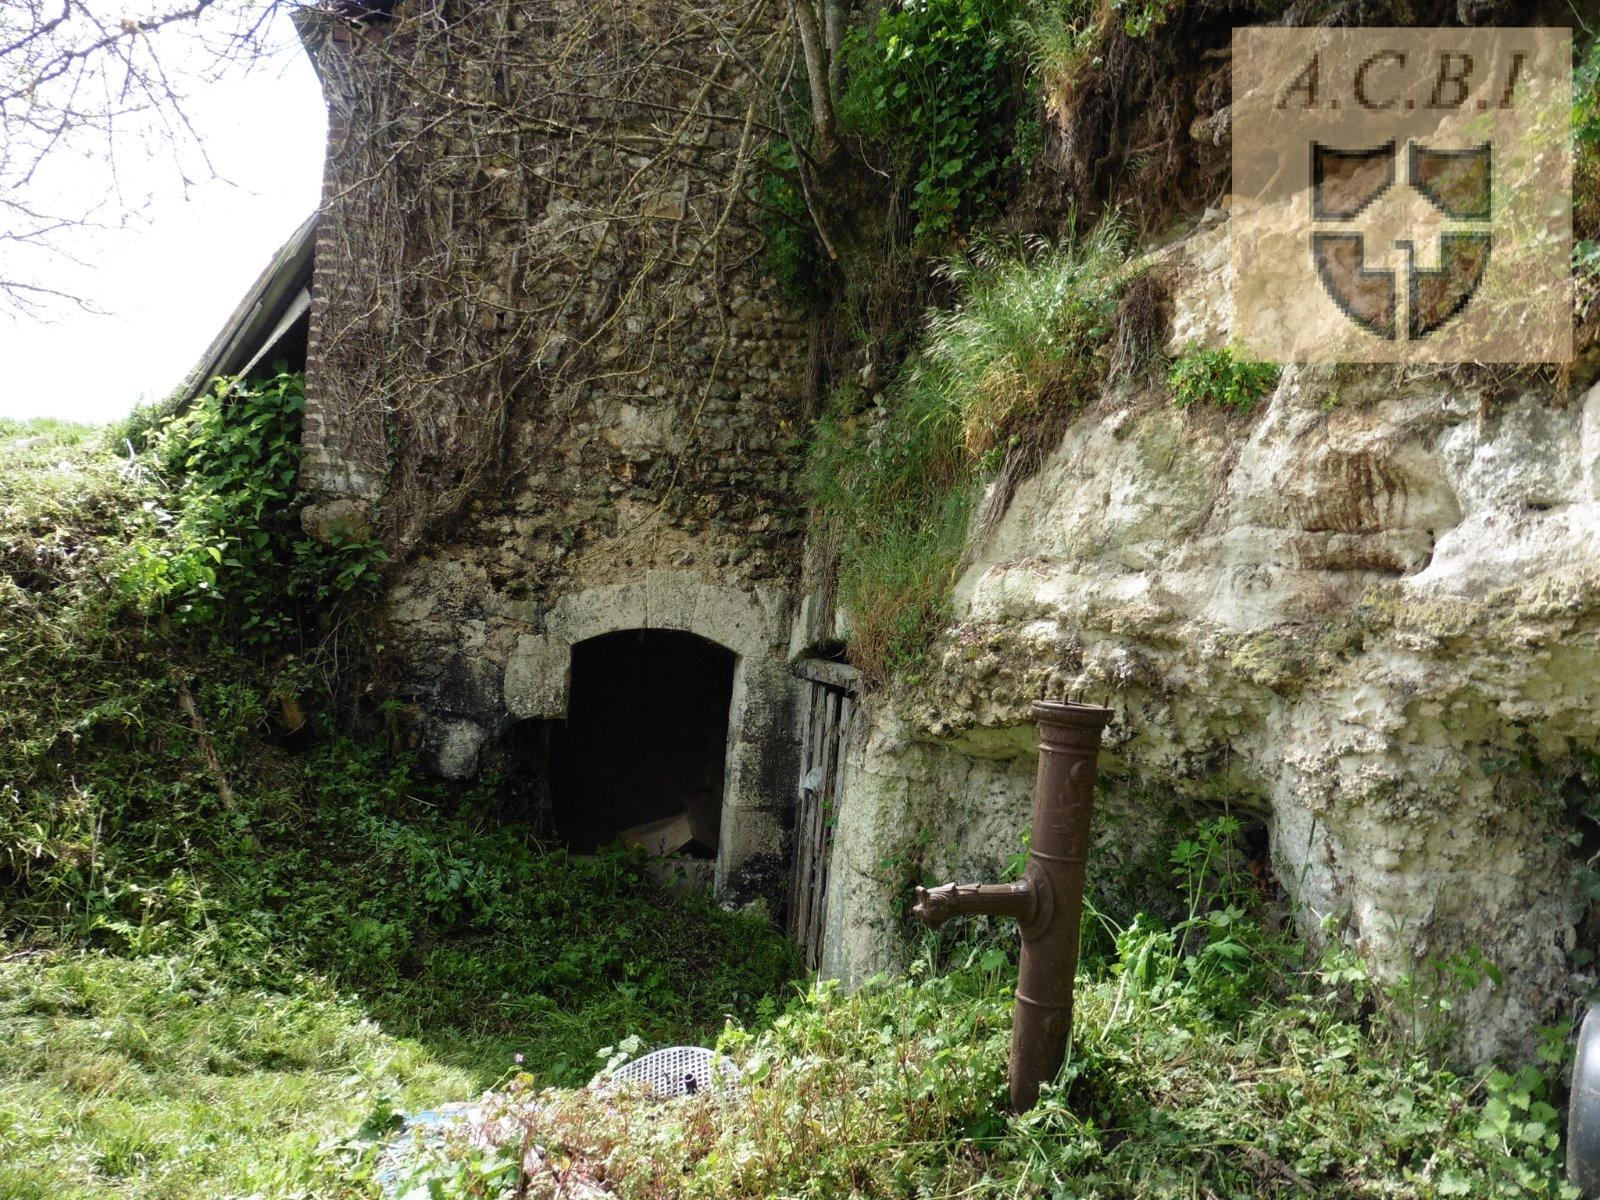 vente vendome 4 km 5 gare tgv terrain a batir avec 3 caves dans le roc. Black Bedroom Furniture Sets. Home Design Ideas